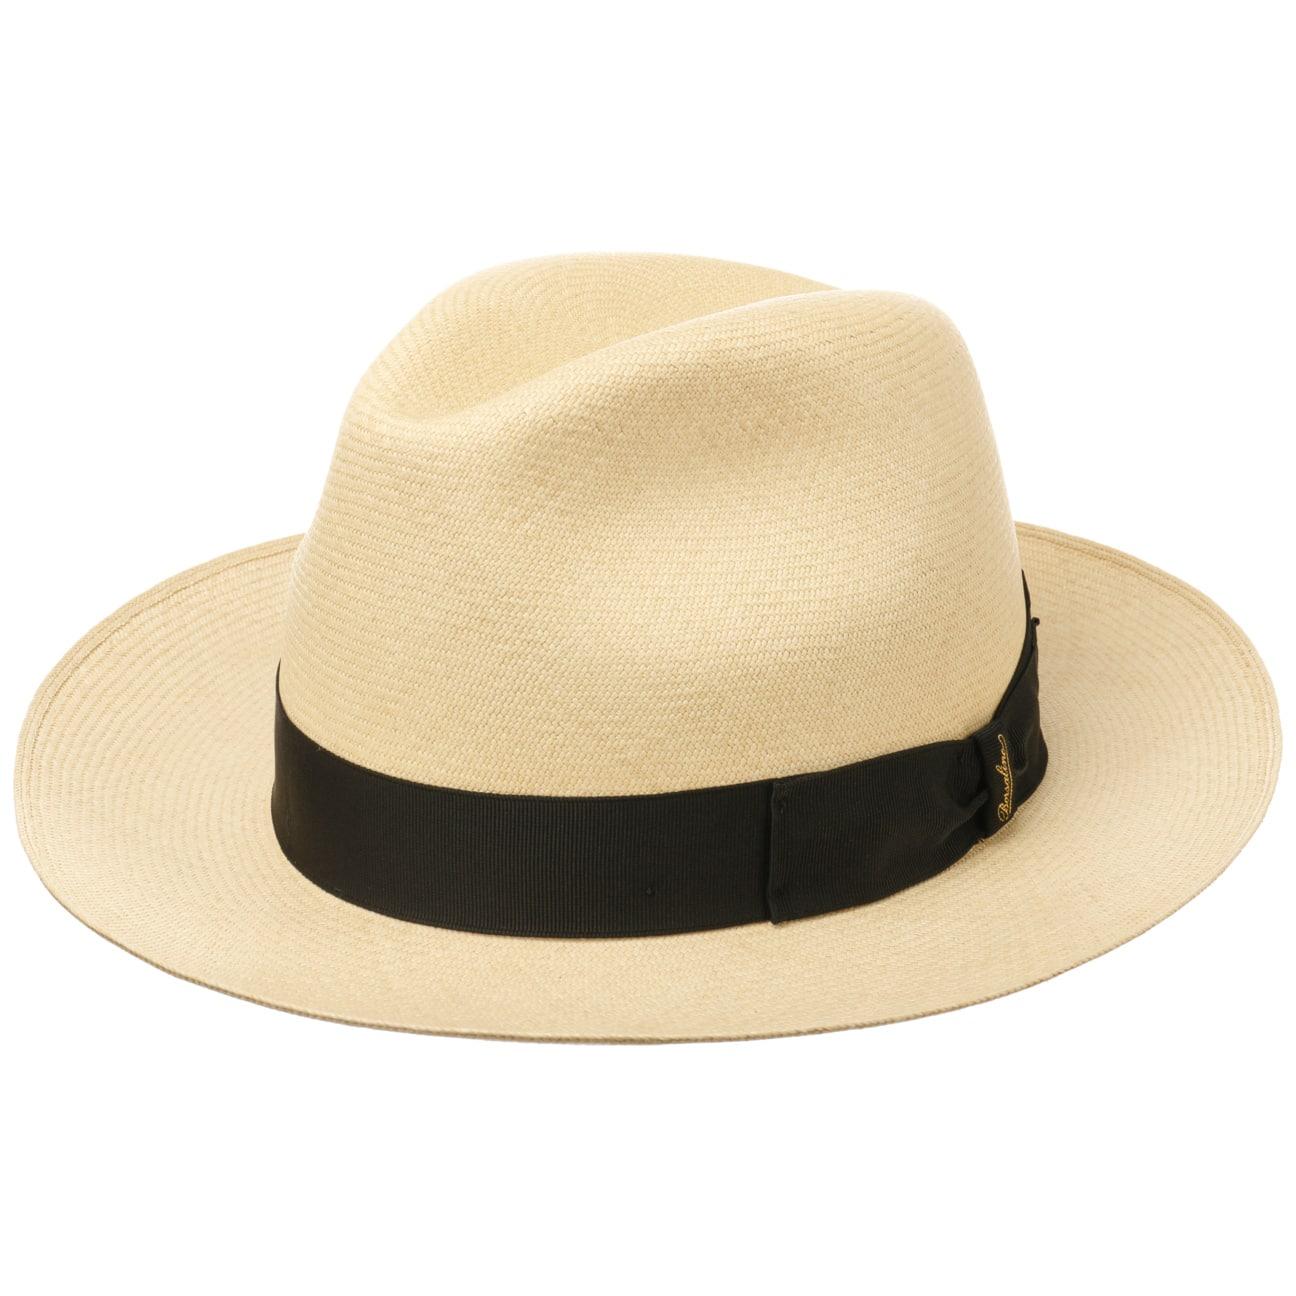 09c258cf3b ... Cappello Panama Bogart Premium by Borsalino - natura 5 ...